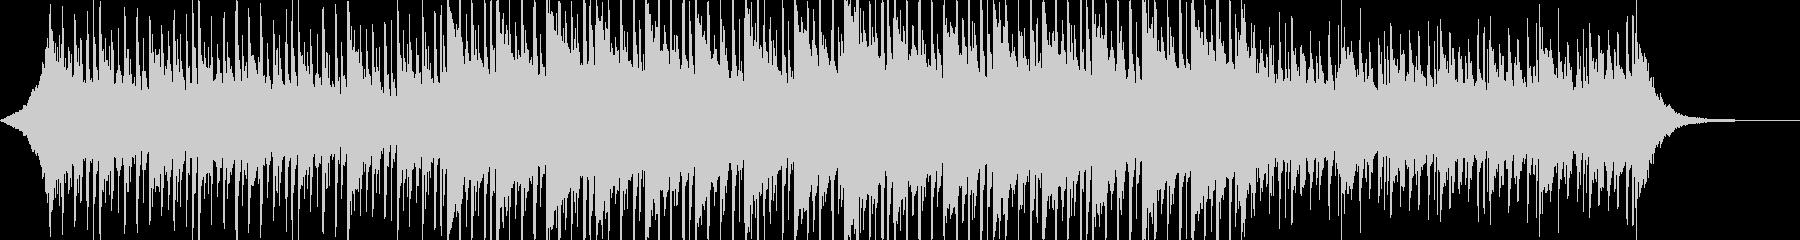 ショートVerの未再生の波形